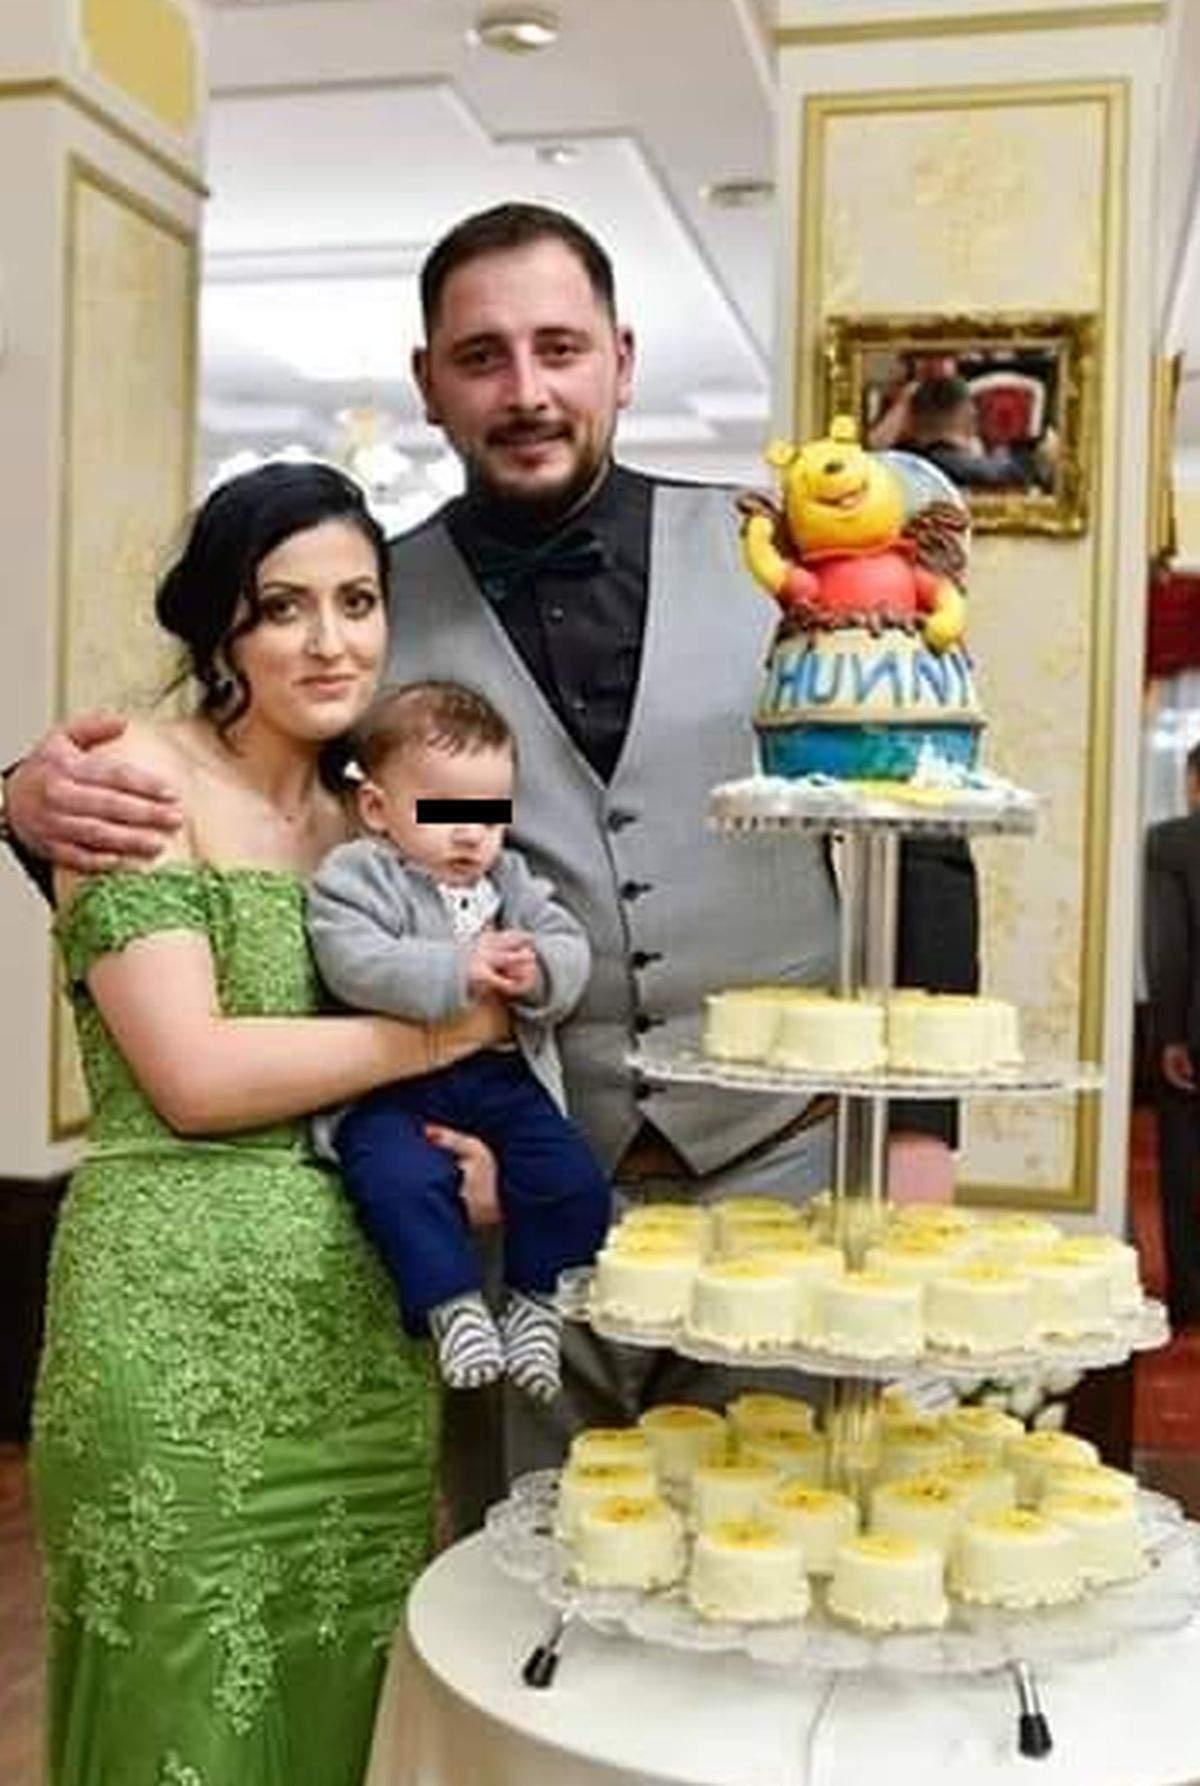 laurica mpfm in rochie verde cu copilul in brate alaturi de iubit